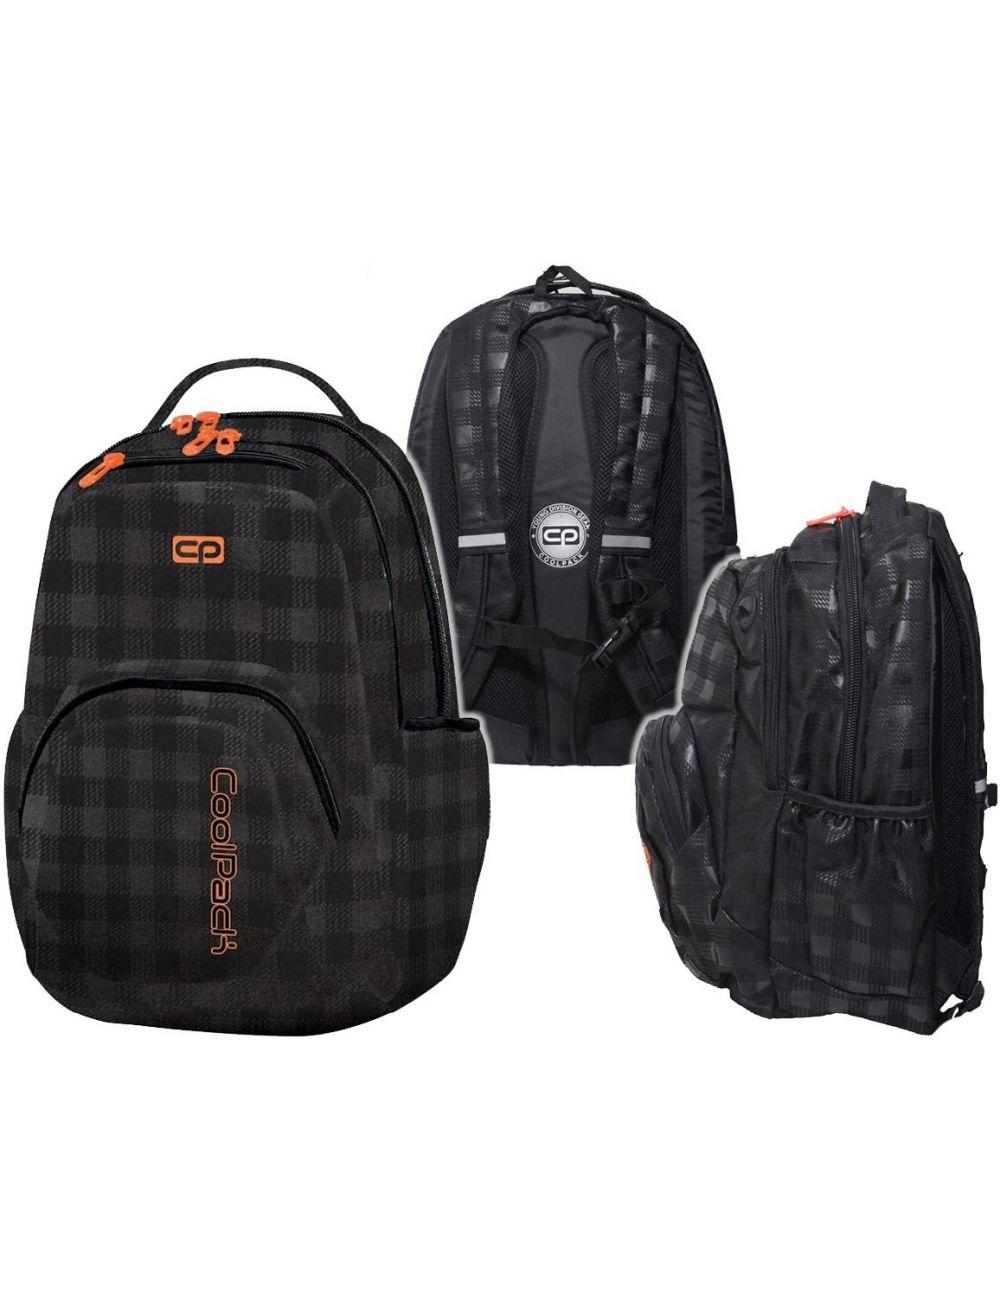 Plecak CoolPack Smash szkolny młodzieżowy 1037